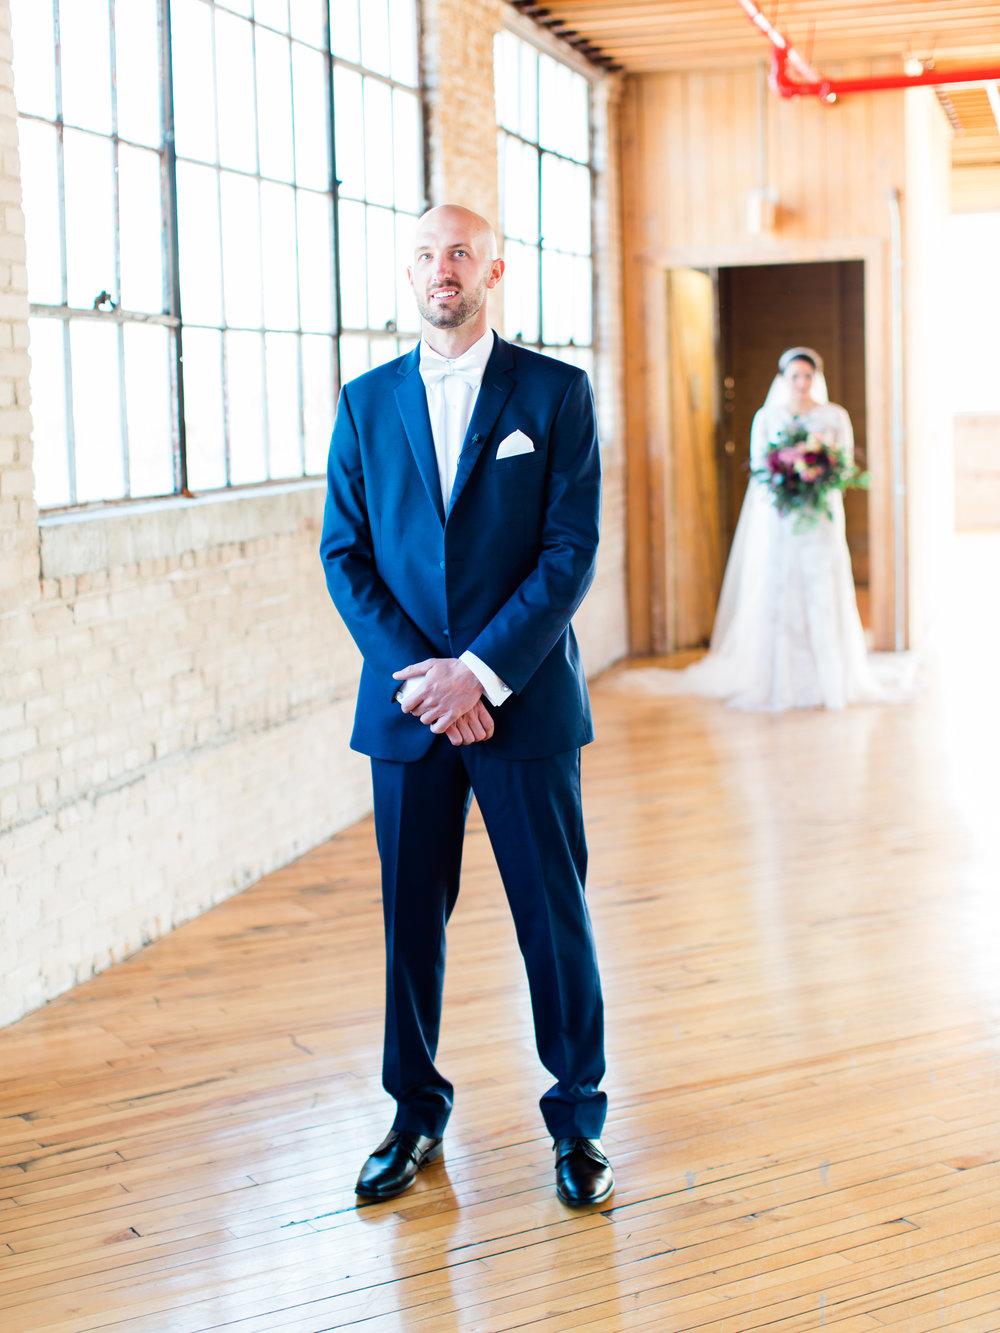 Vogelzang+Wedding+First+Look-8.jpg